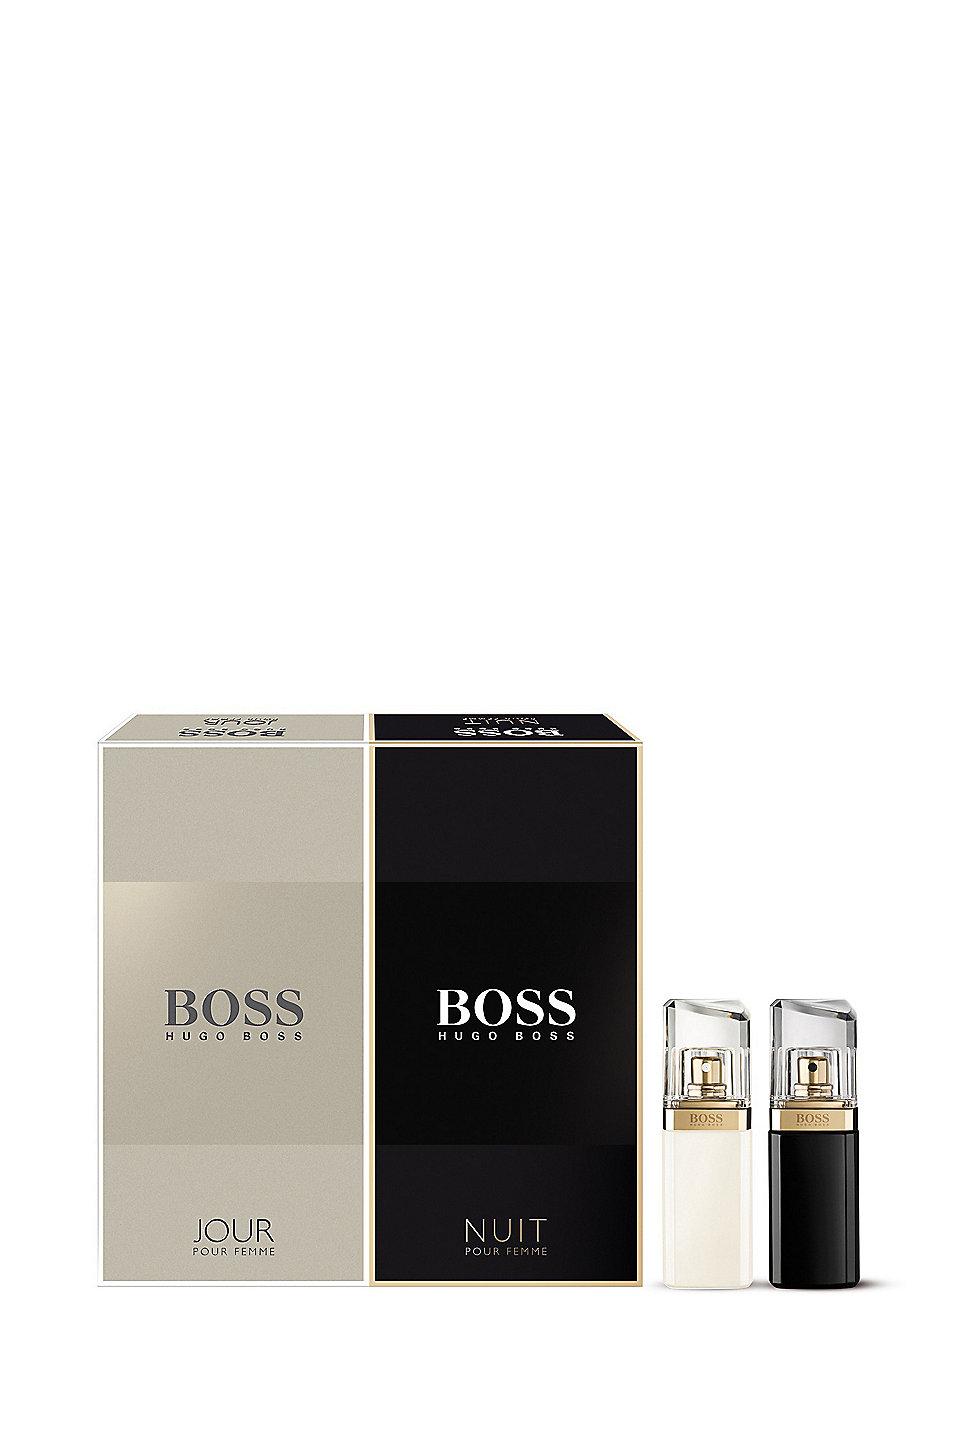 39 boss jour and nuit gift set 39 boss jour 1 fl oz and boss nuit 1 fl oz eau de parfums. Black Bedroom Furniture Sets. Home Design Ideas